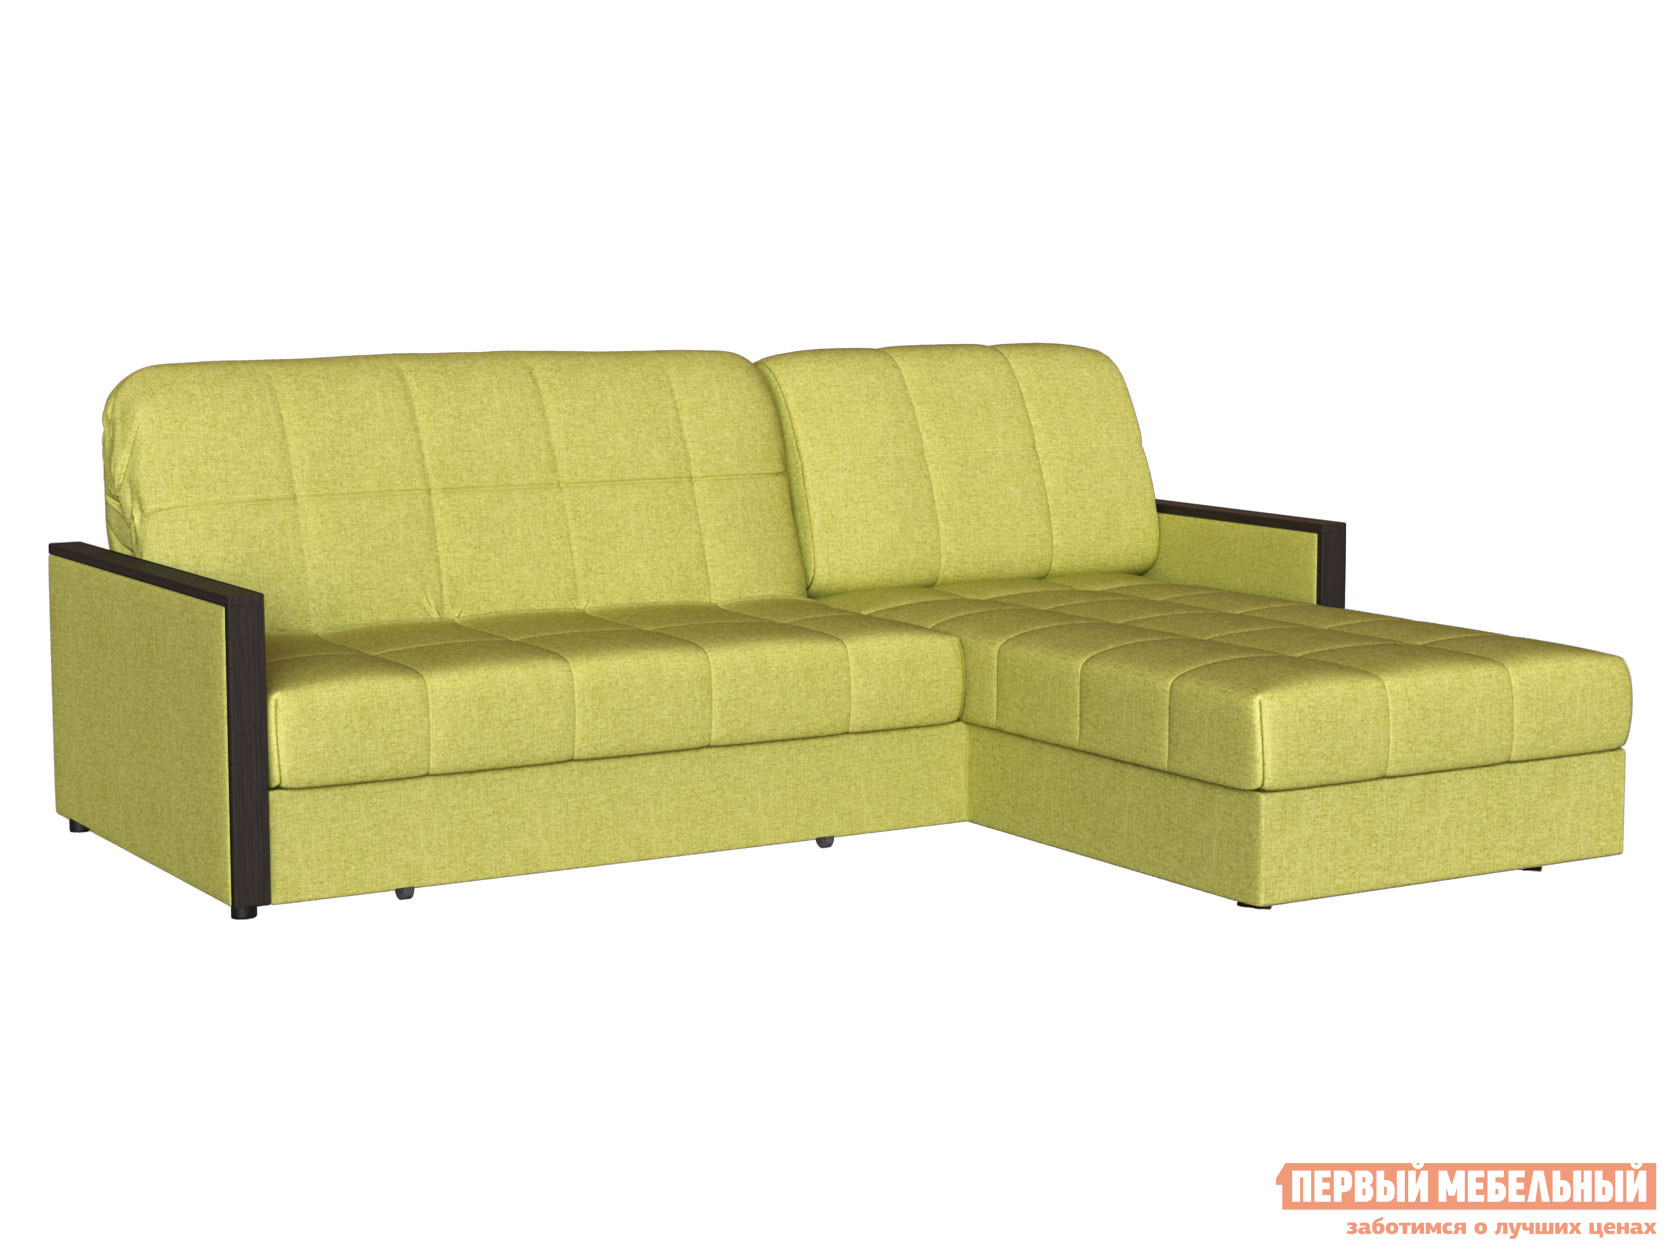 Угловой диван Первый Мебельный Диван Орион с оттоманкой